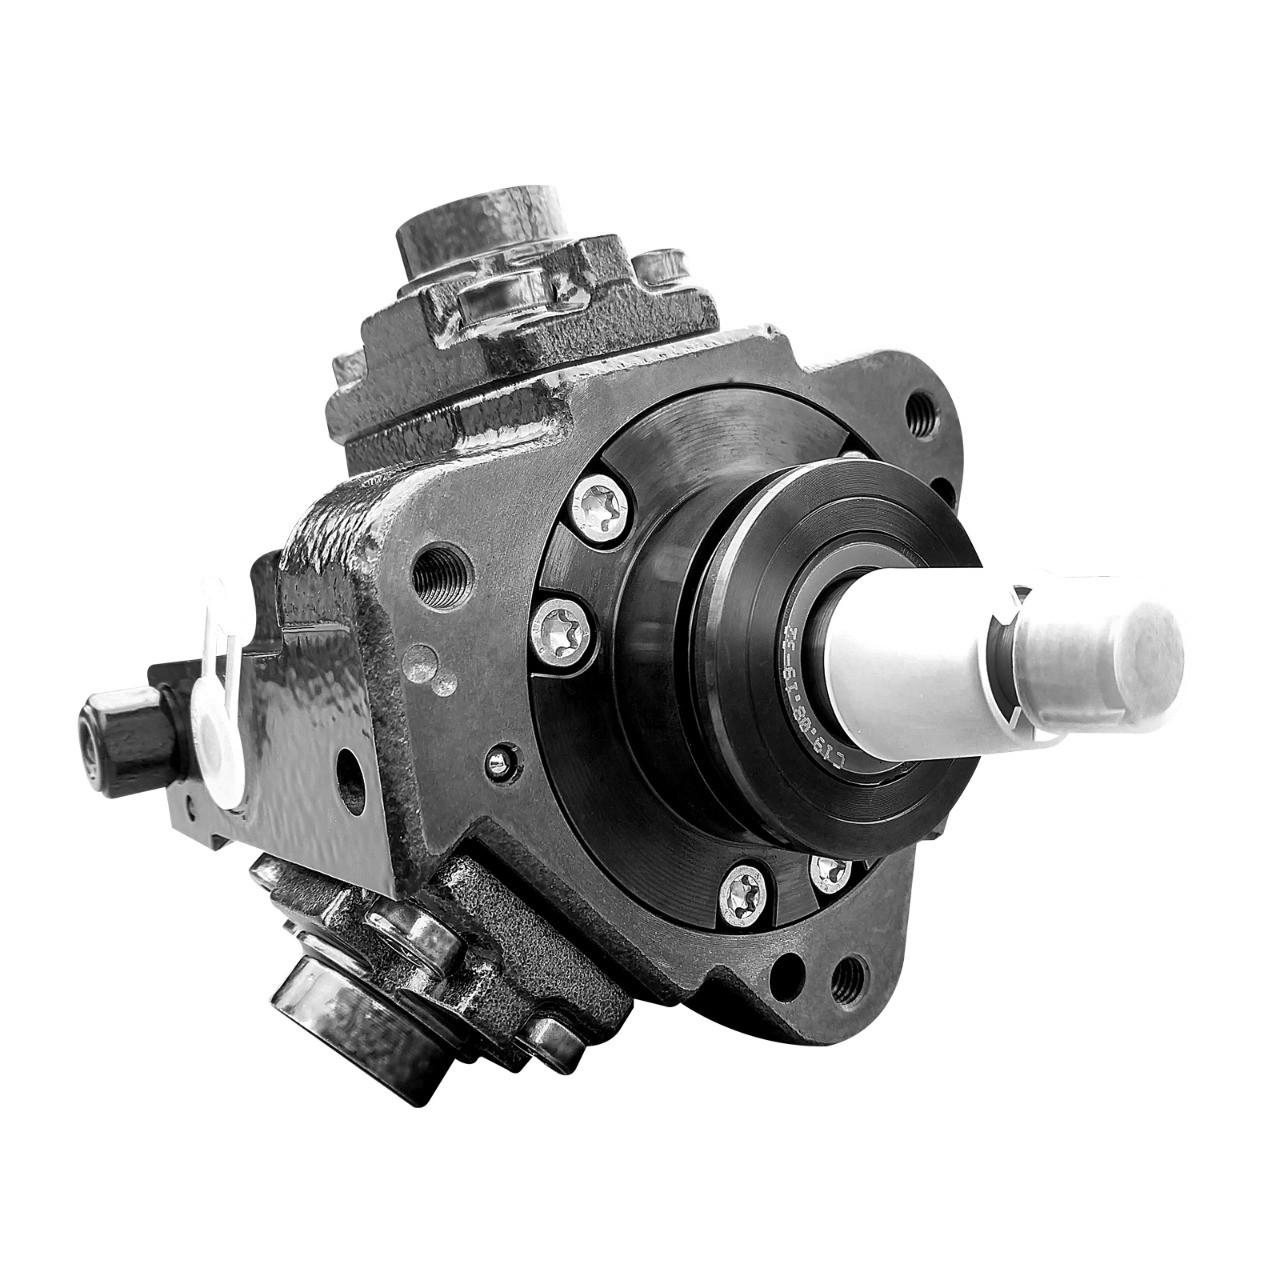 Bomba de Alta Pressão Fiat Ducato / Citröen Jumper / Peugeot Boxer 2.3 16v Euro V 2012 a 2017 Nova Original Bosch